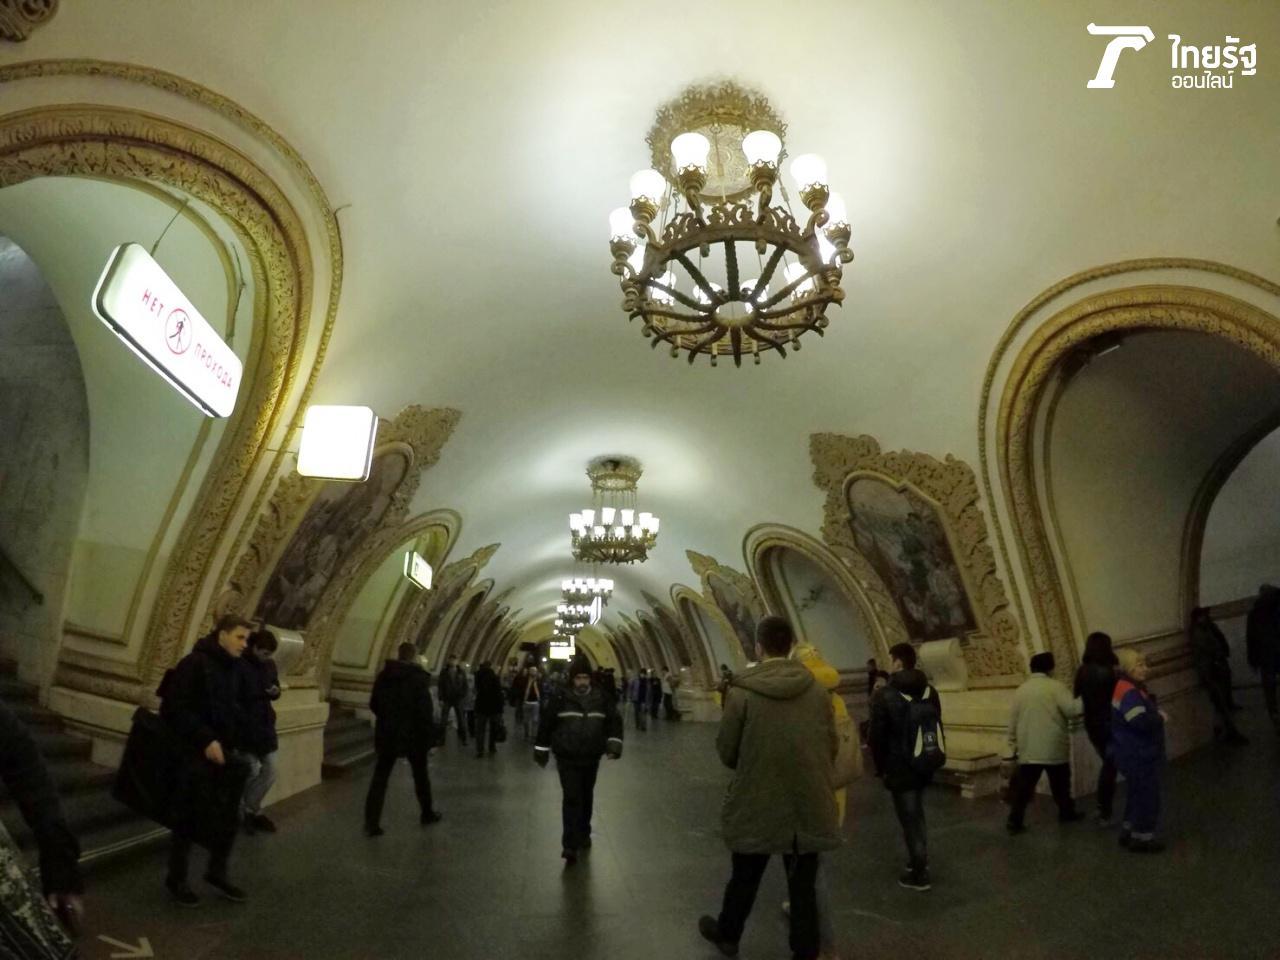 (สถานี Kievskaya ซึ่งสถานีรถไฟในรัสเซีย จะมีความสวยงามแตกต่างกันไป)